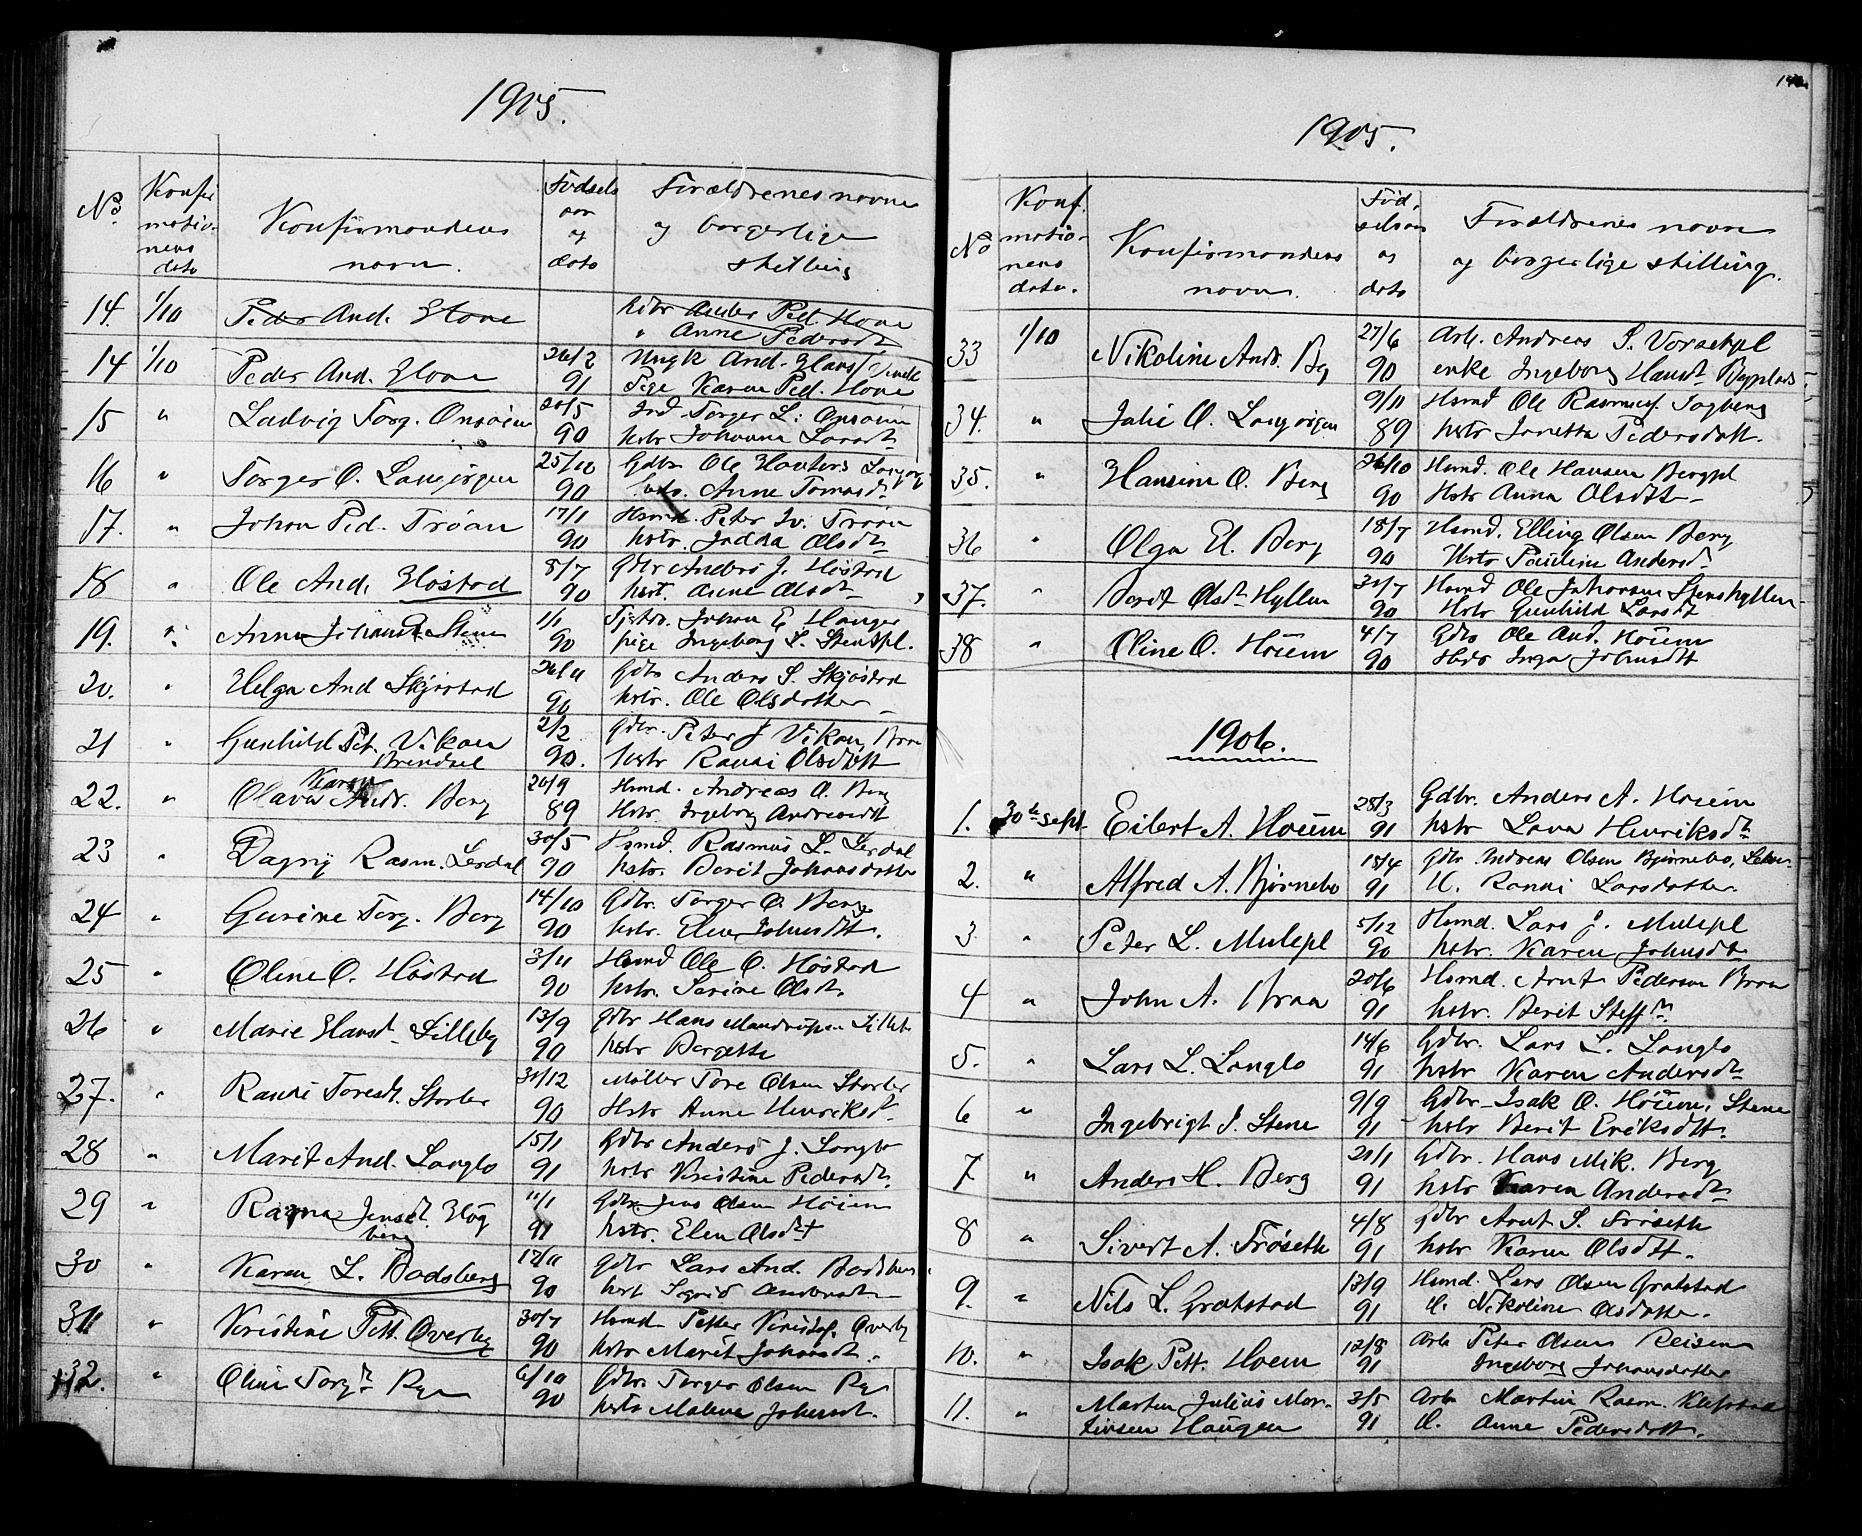 SAT, Ministerialprotokoller, klokkerbøker og fødselsregistre - Sør-Trøndelag, 612/L0387: Klokkerbok nr. 612C03, 1874-1908, s. 142